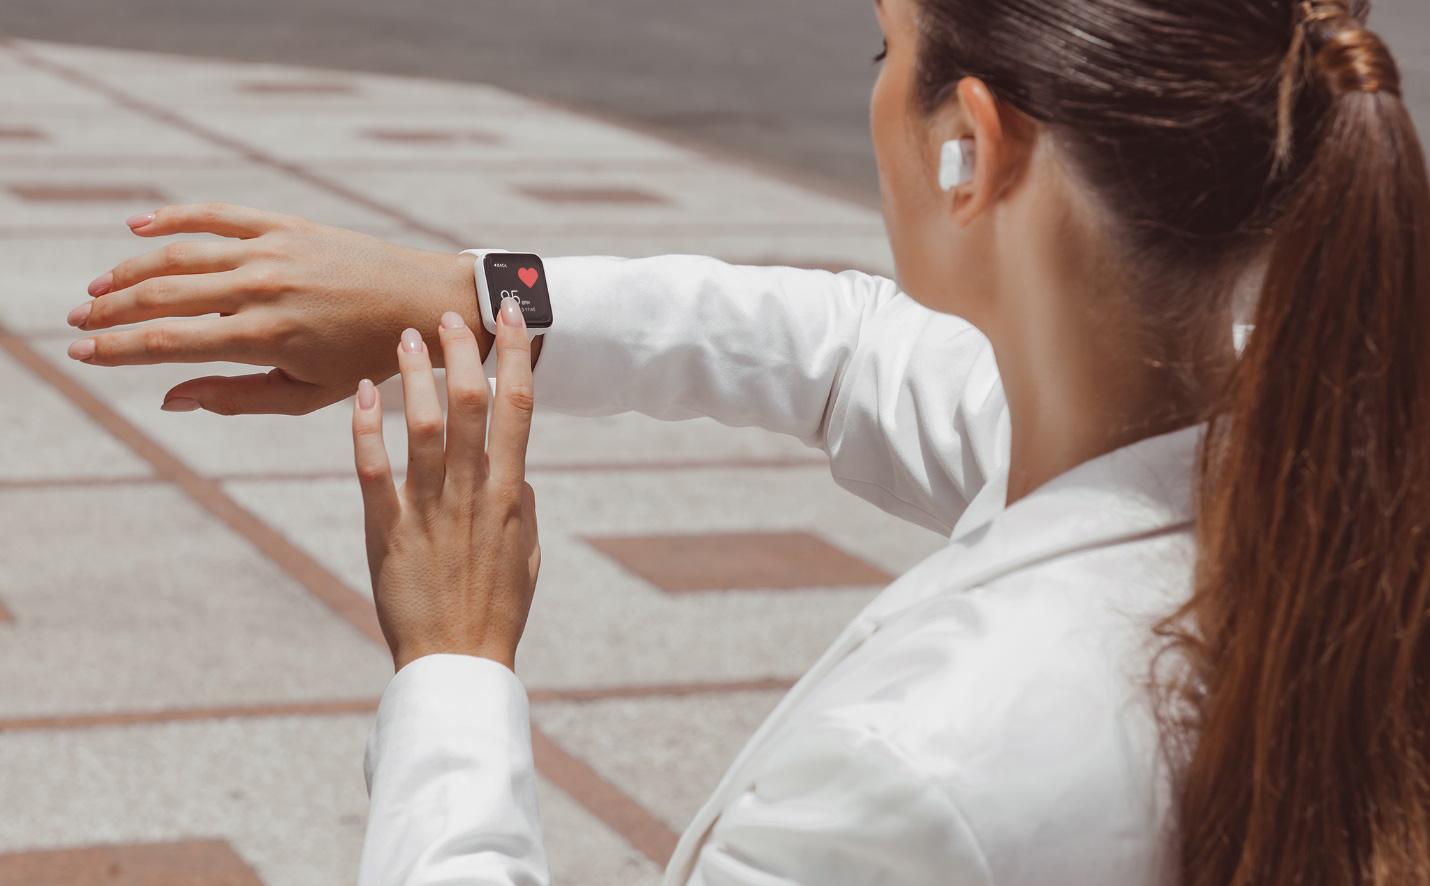 Năng động trong mùa hè này cùng smartwatch Urban HR của Partron, made in Vietnam, vừa thông minh lại vừa đẹp - Ảnh 2.